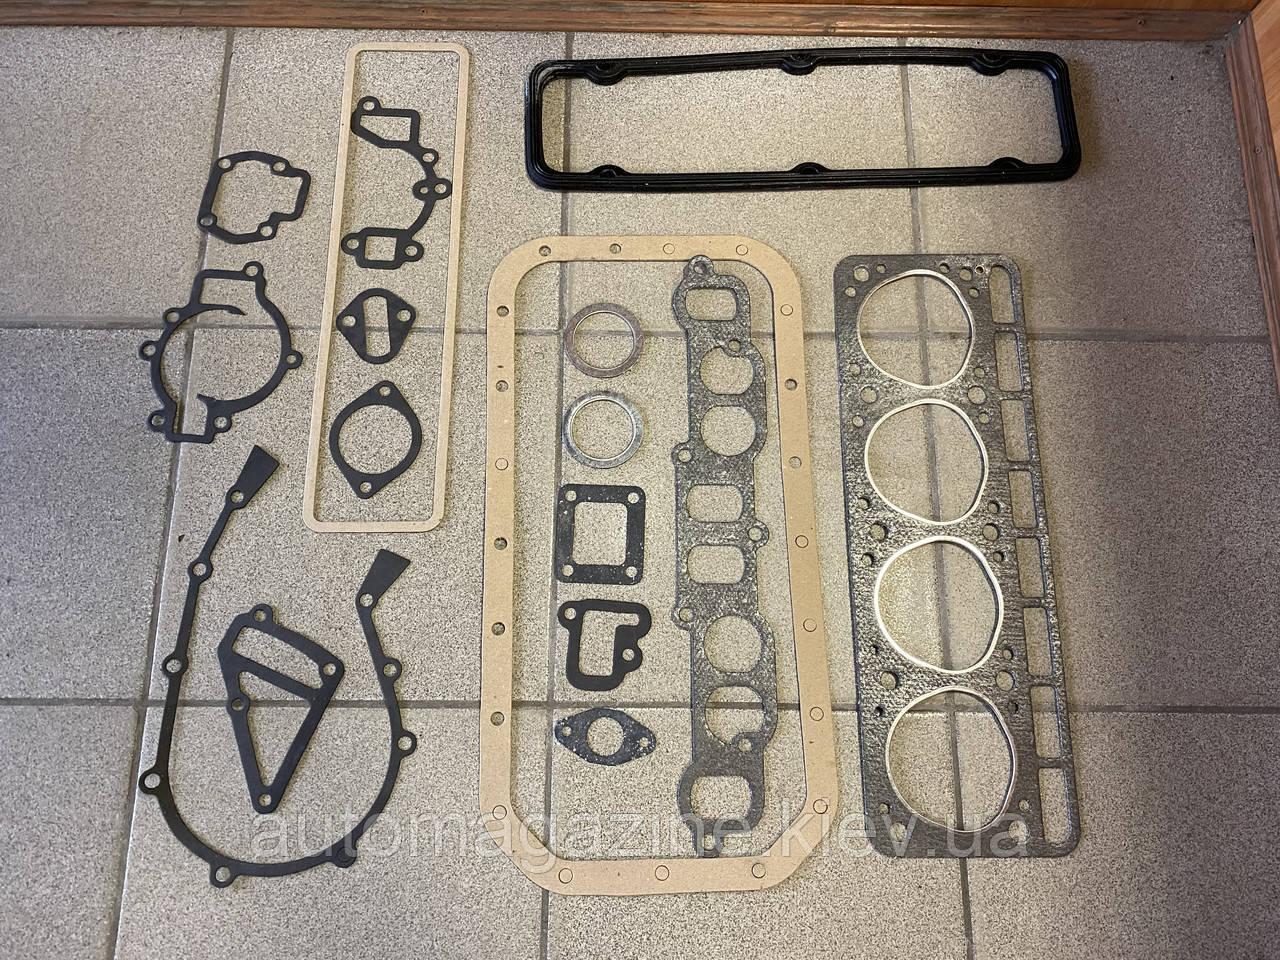 Прокладки двигателя ГАЗ 2410, Газель (402-й двигатель)